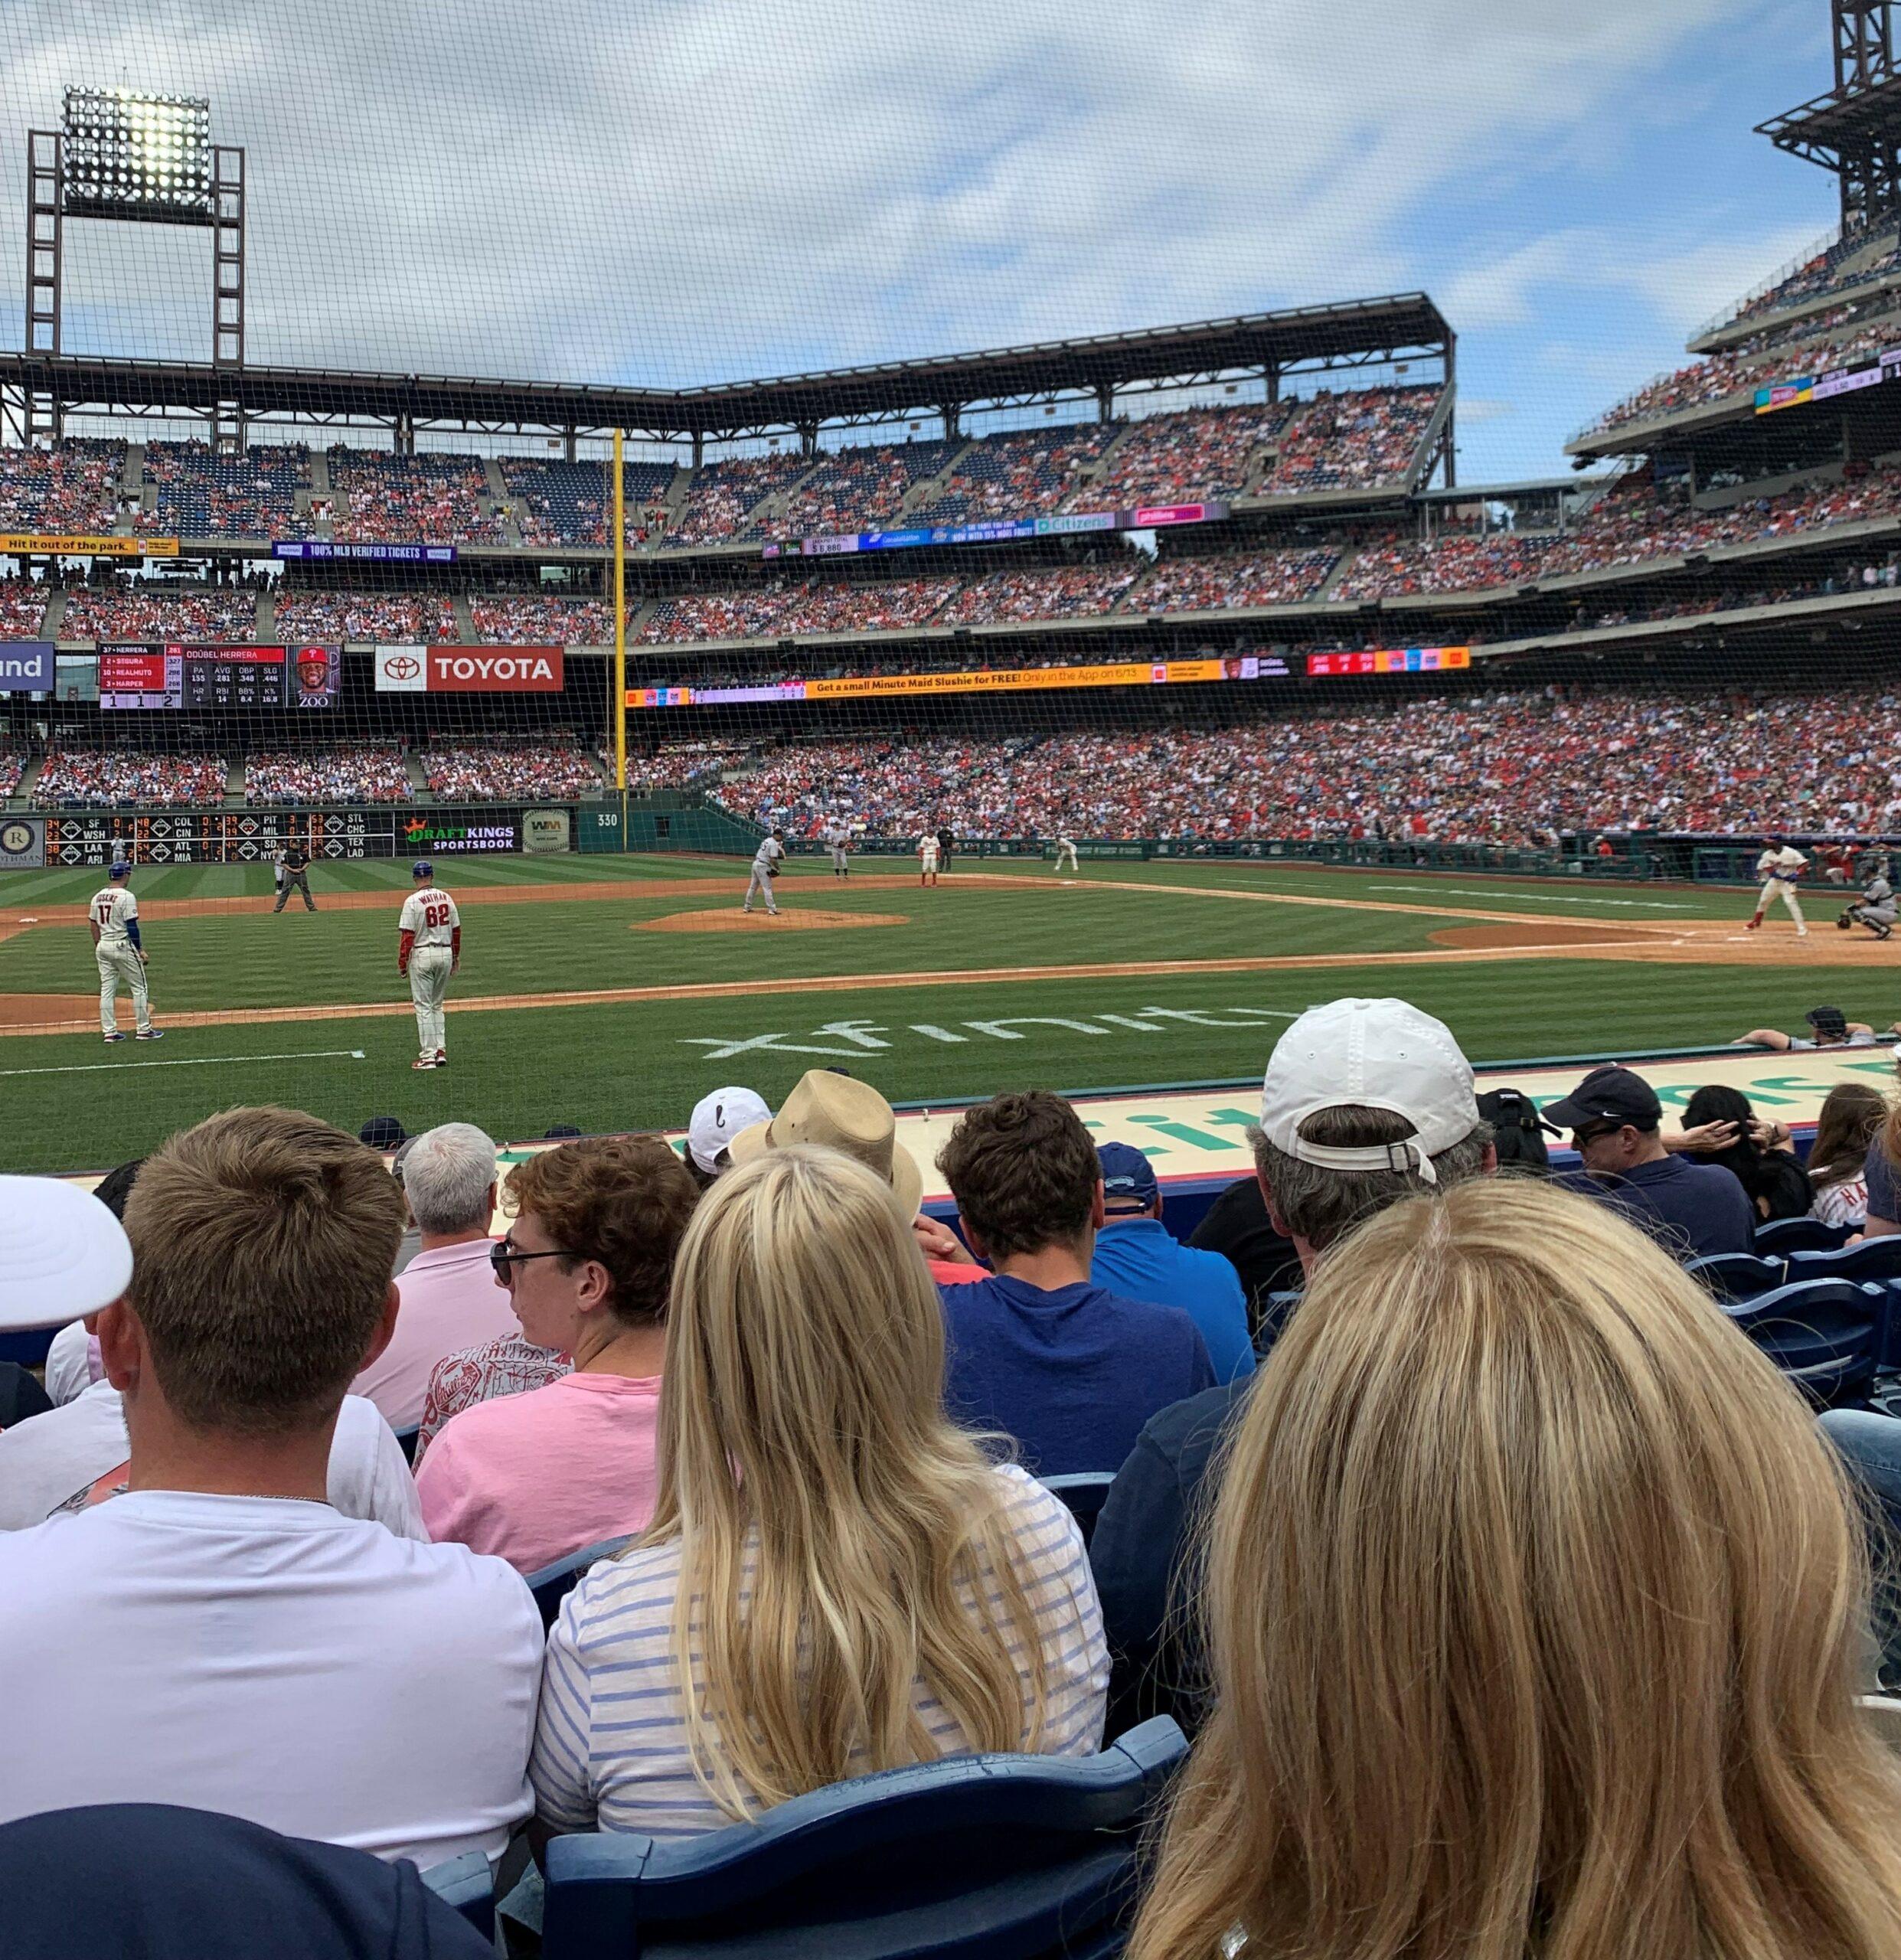 Saturday's Company-Provided Phillies Tickets